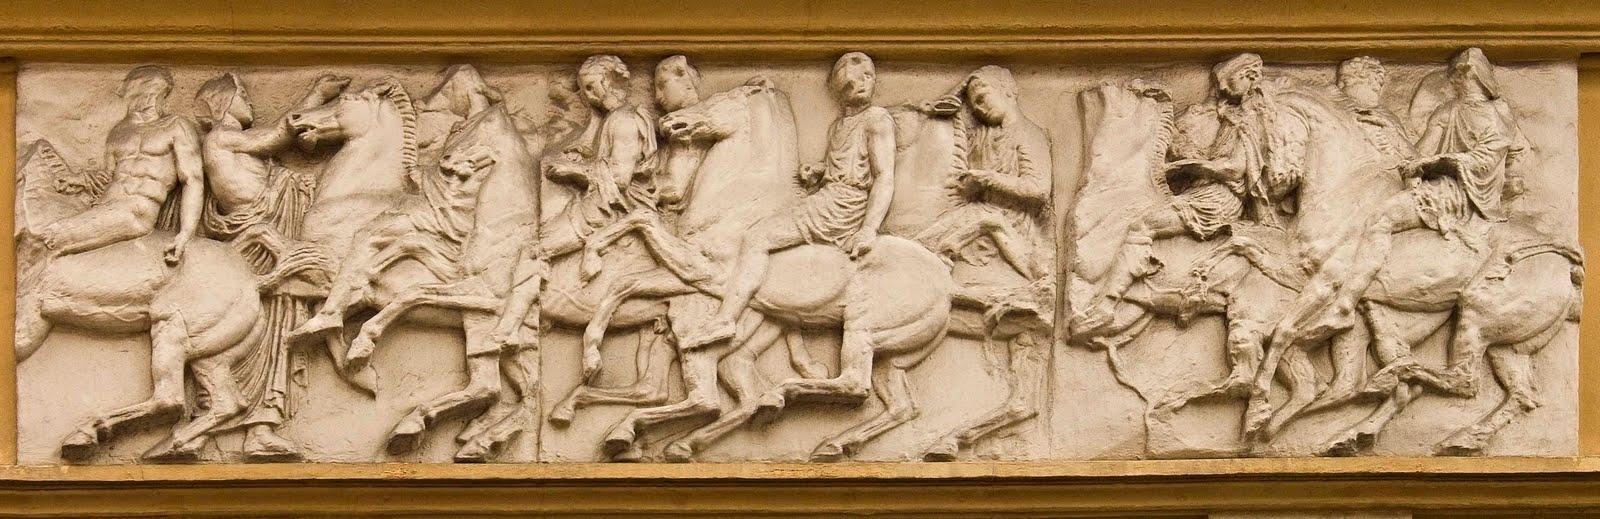 1b Frise du Parthénon Moulage de cavaliers Bas Relief antic Villa St Jacques a copie pm[1]